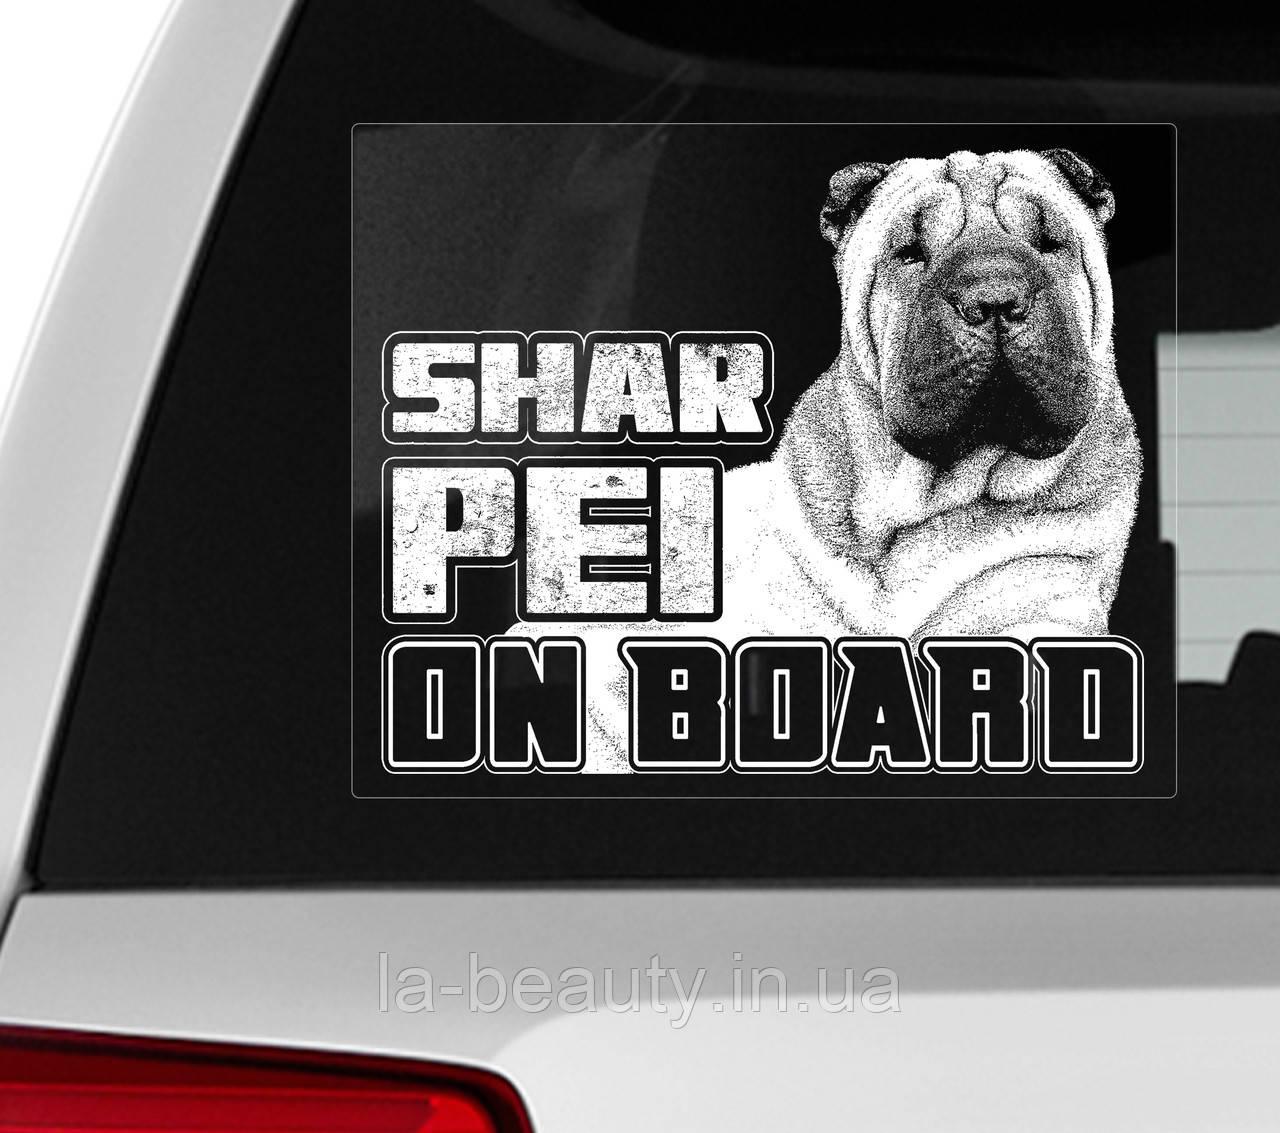 Наклейка на авто / машину Шарпей на борту (Shar Pei On Board)